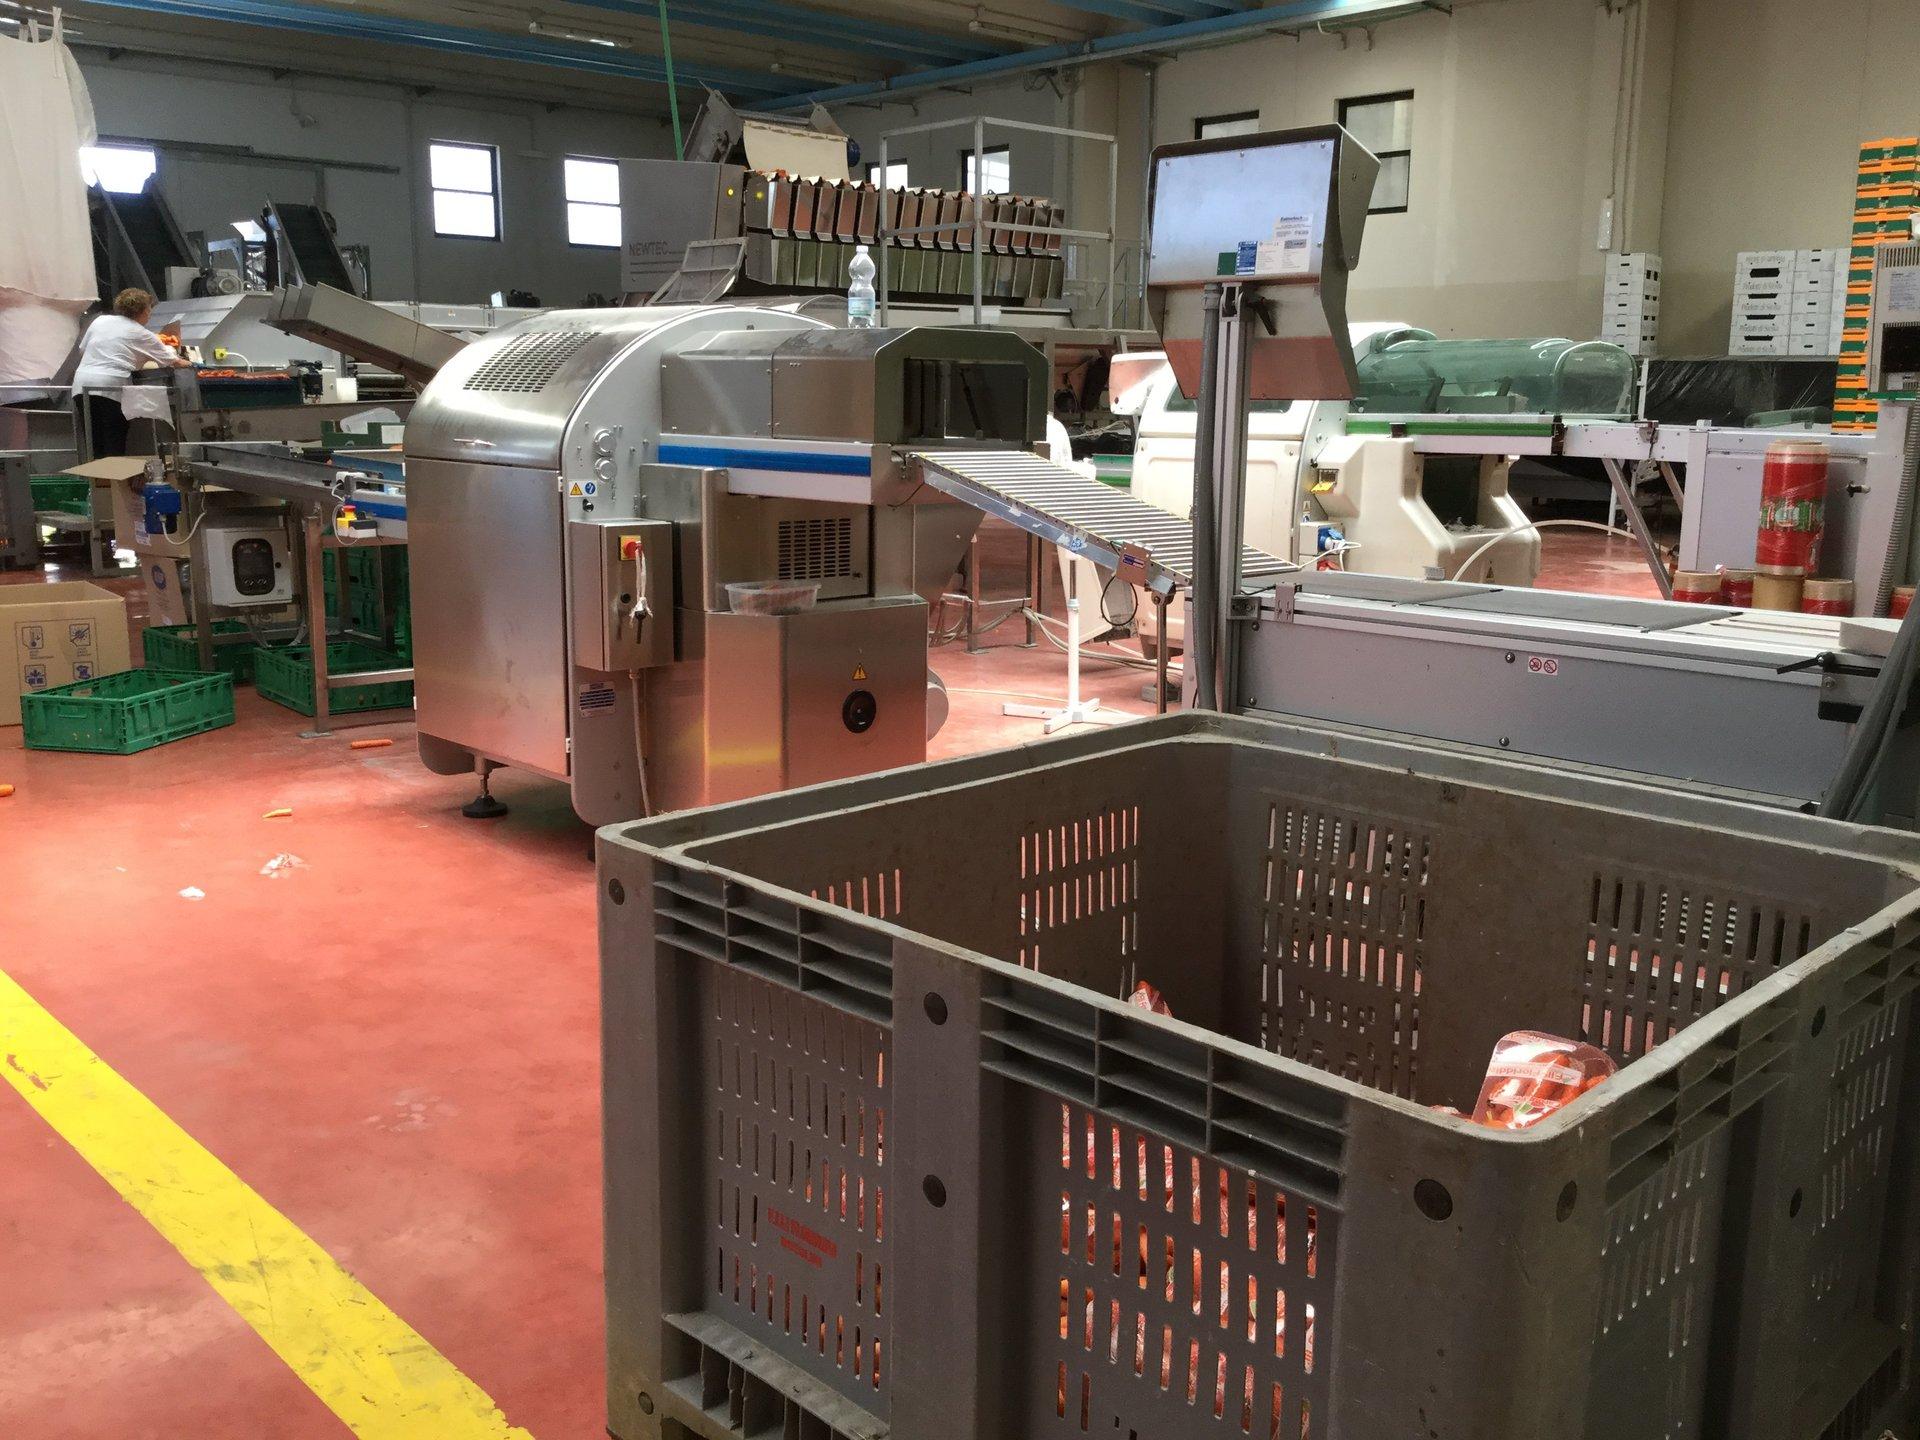 Panoramica dei macchinari all'interno dell'azienda agricola